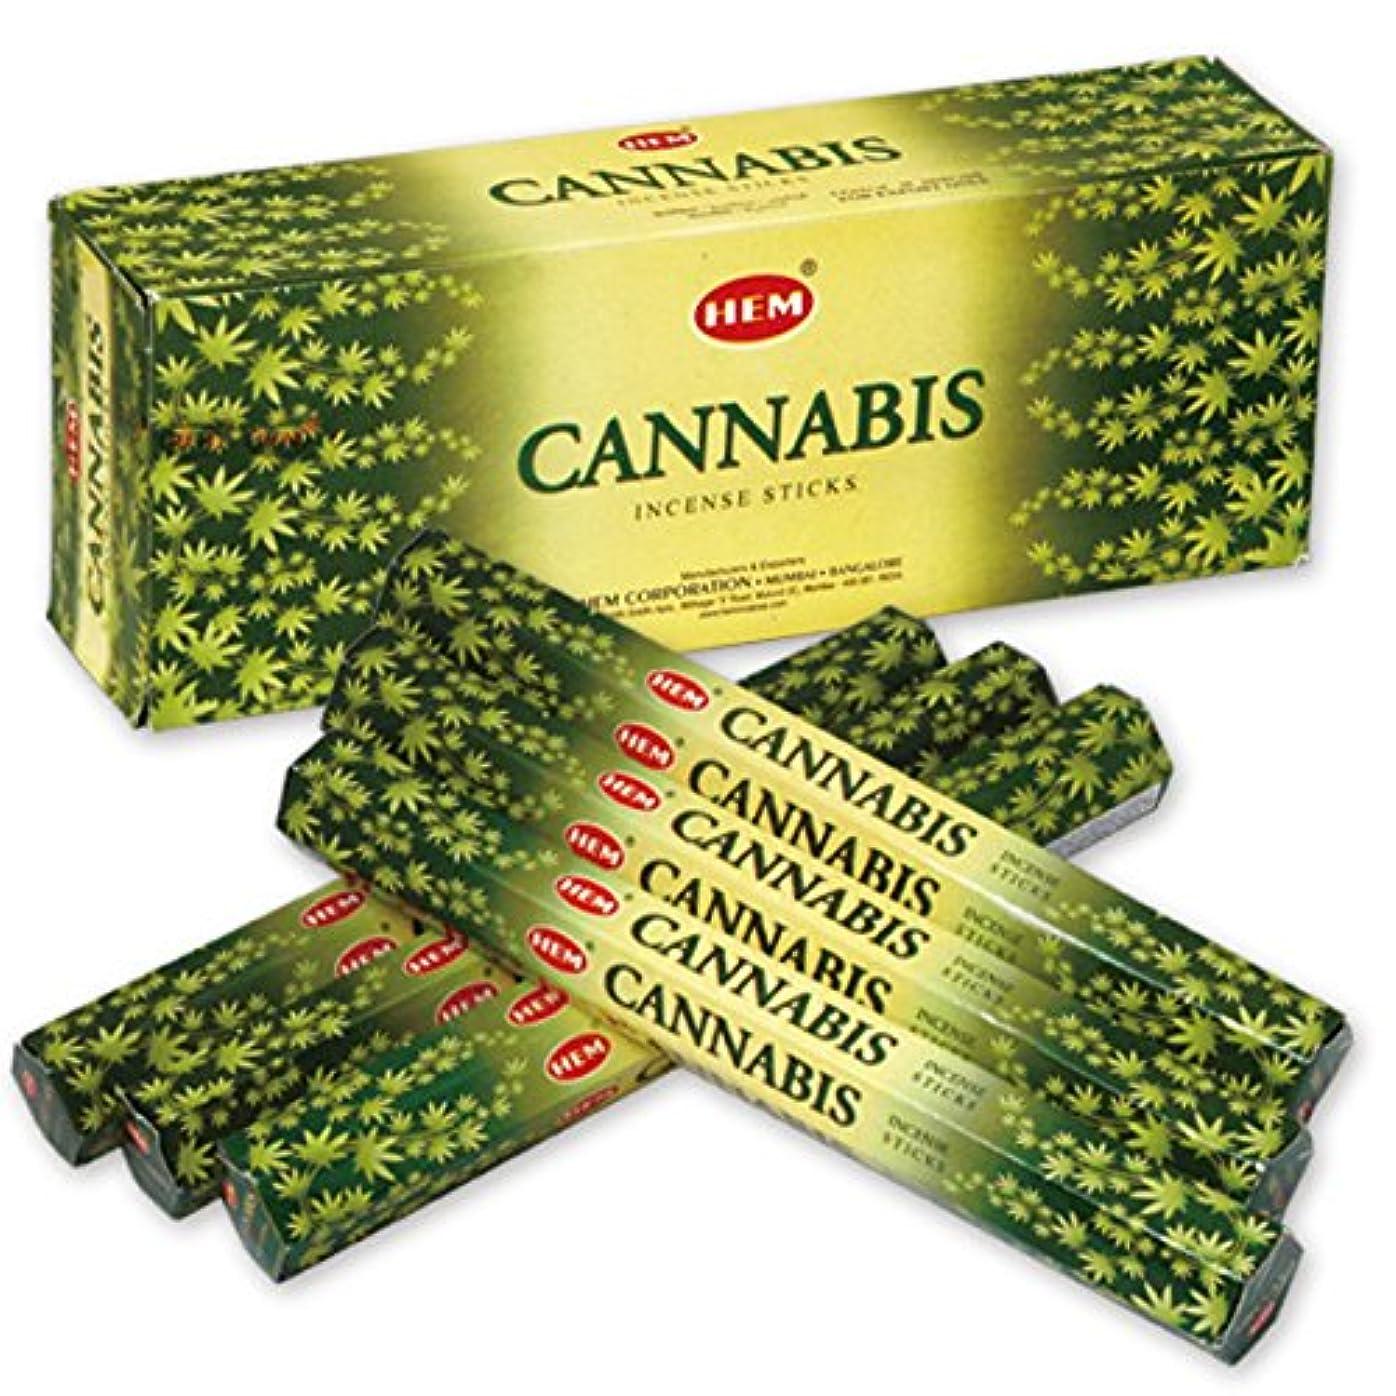 長老苦悩価値HEM(ヘム) カナビス CANNABIS スティックタイプ お香 6筒 セット [並行輸入品]